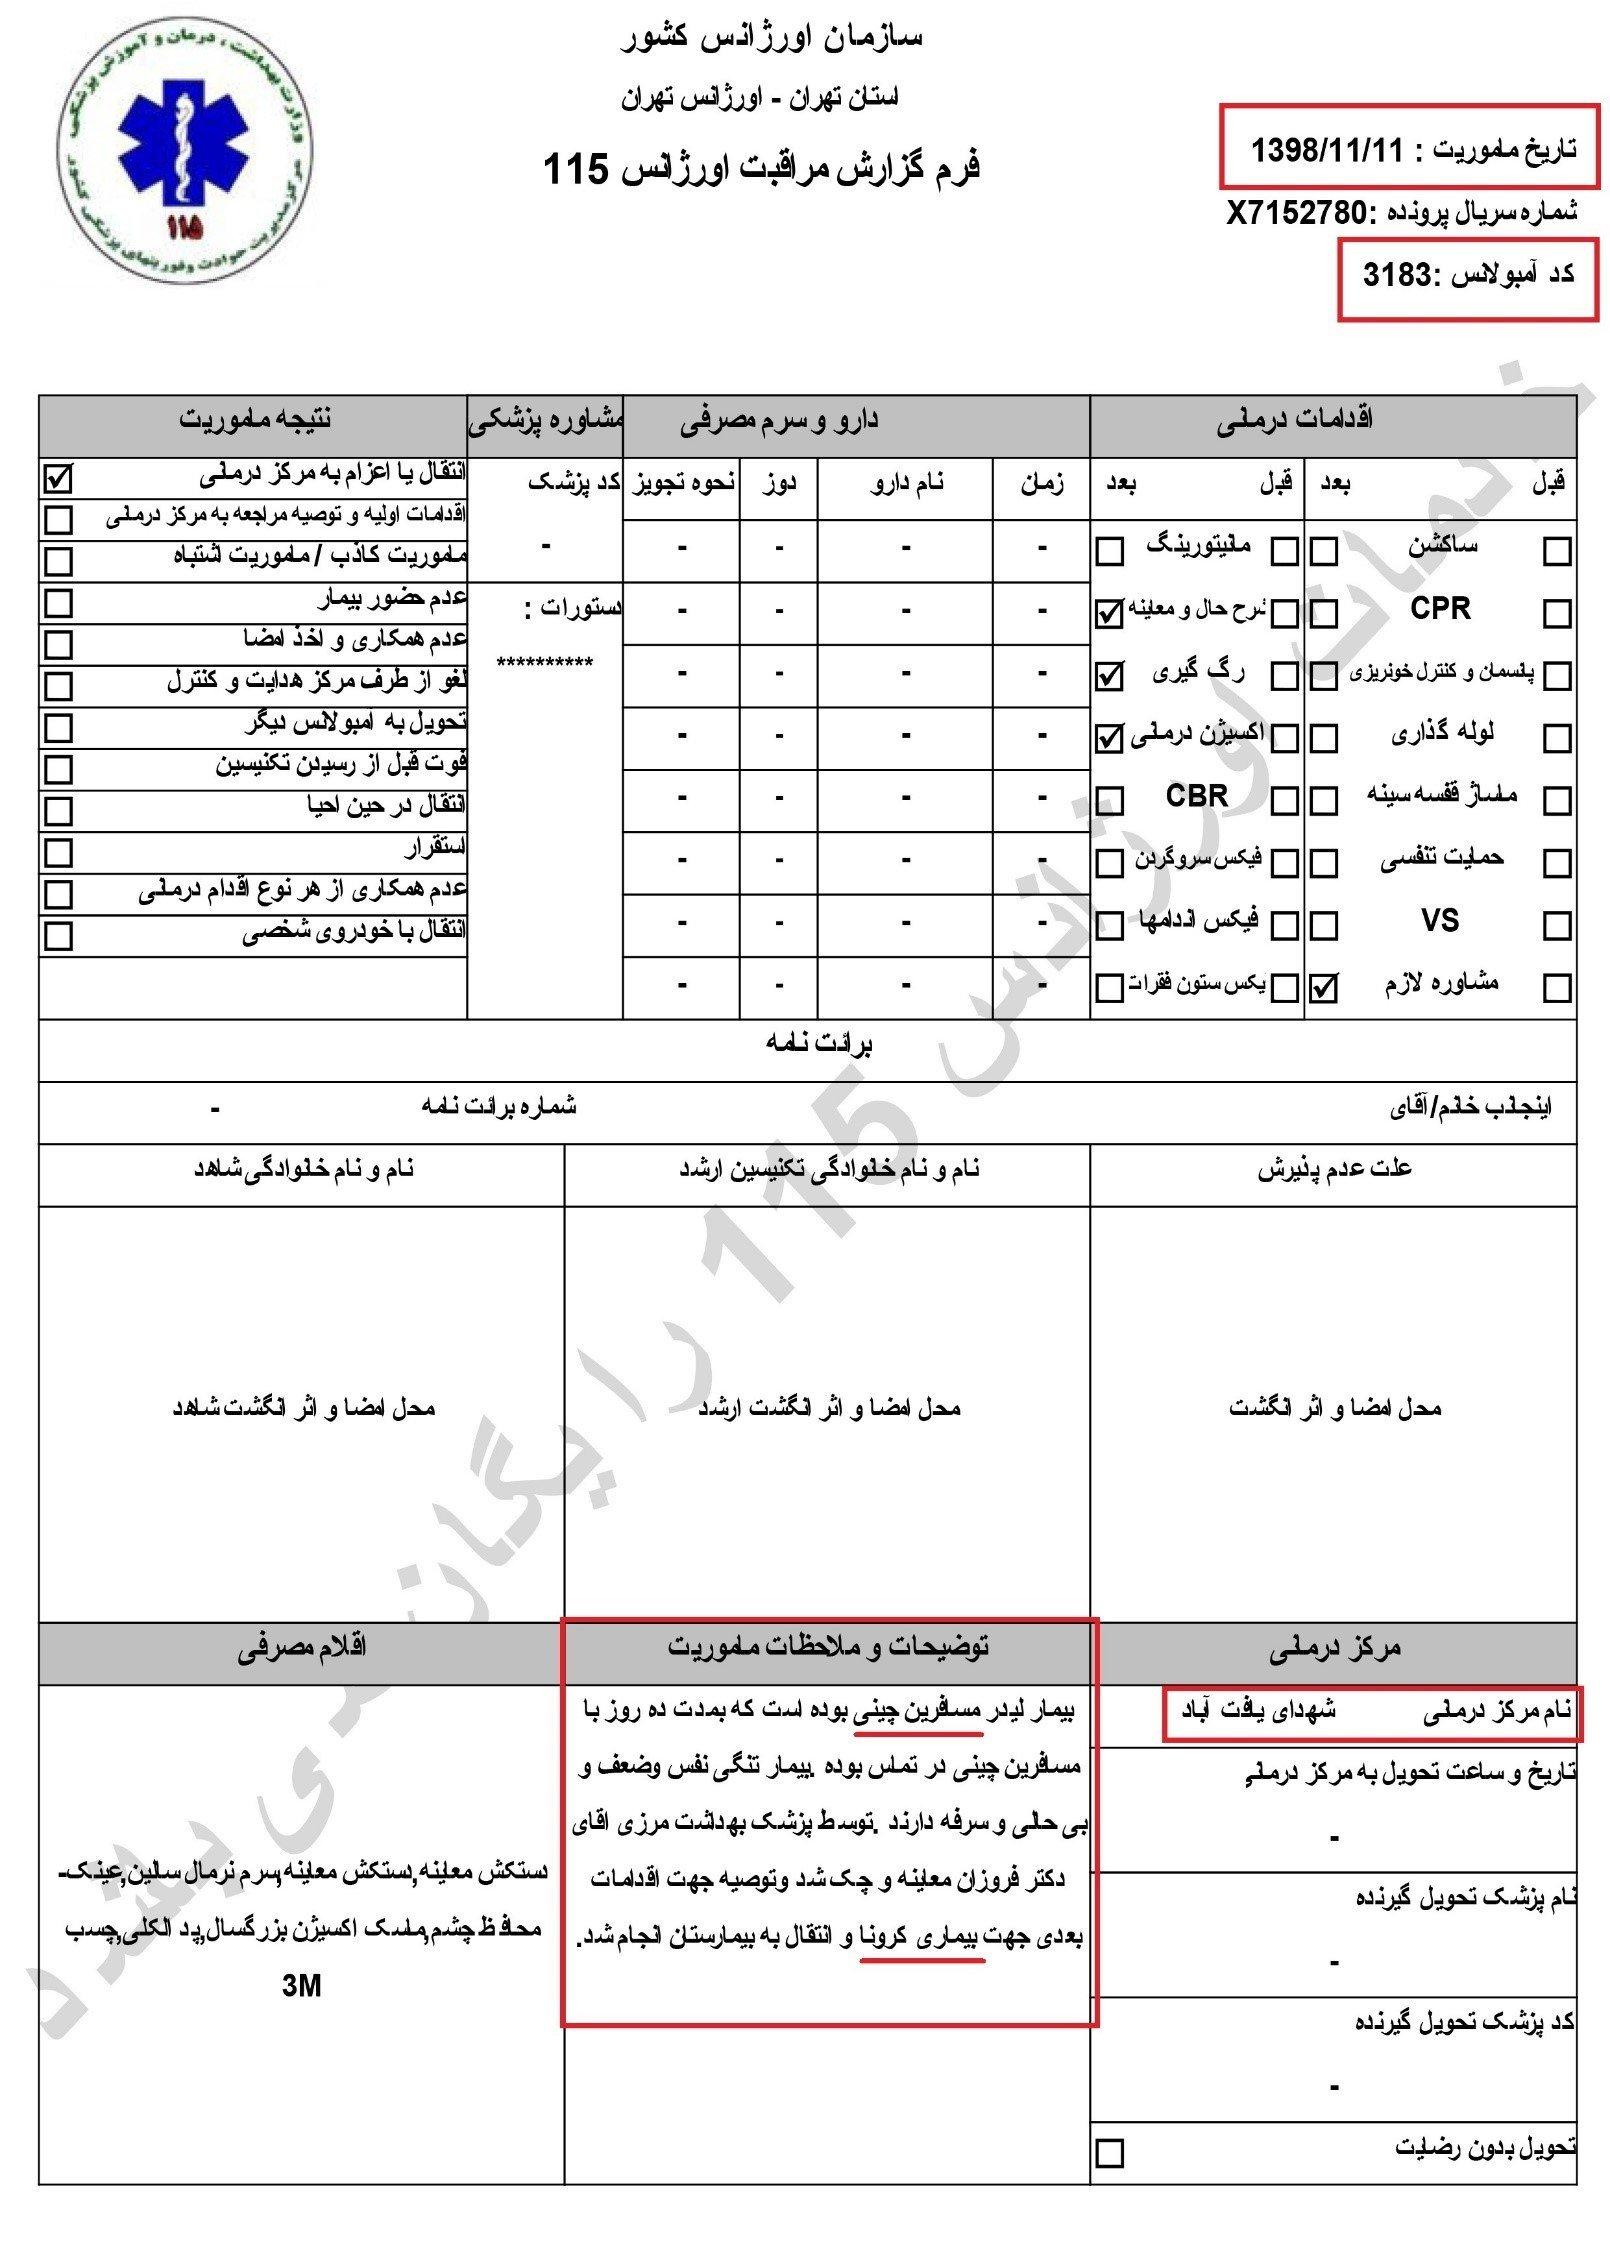 بهرغم انکارهای مکرر سردمداران رژیم اسناد نشان میدهد ۵بهمن۹۸ اورژانس تهران بیمار کرونایی منتقل کردهاست